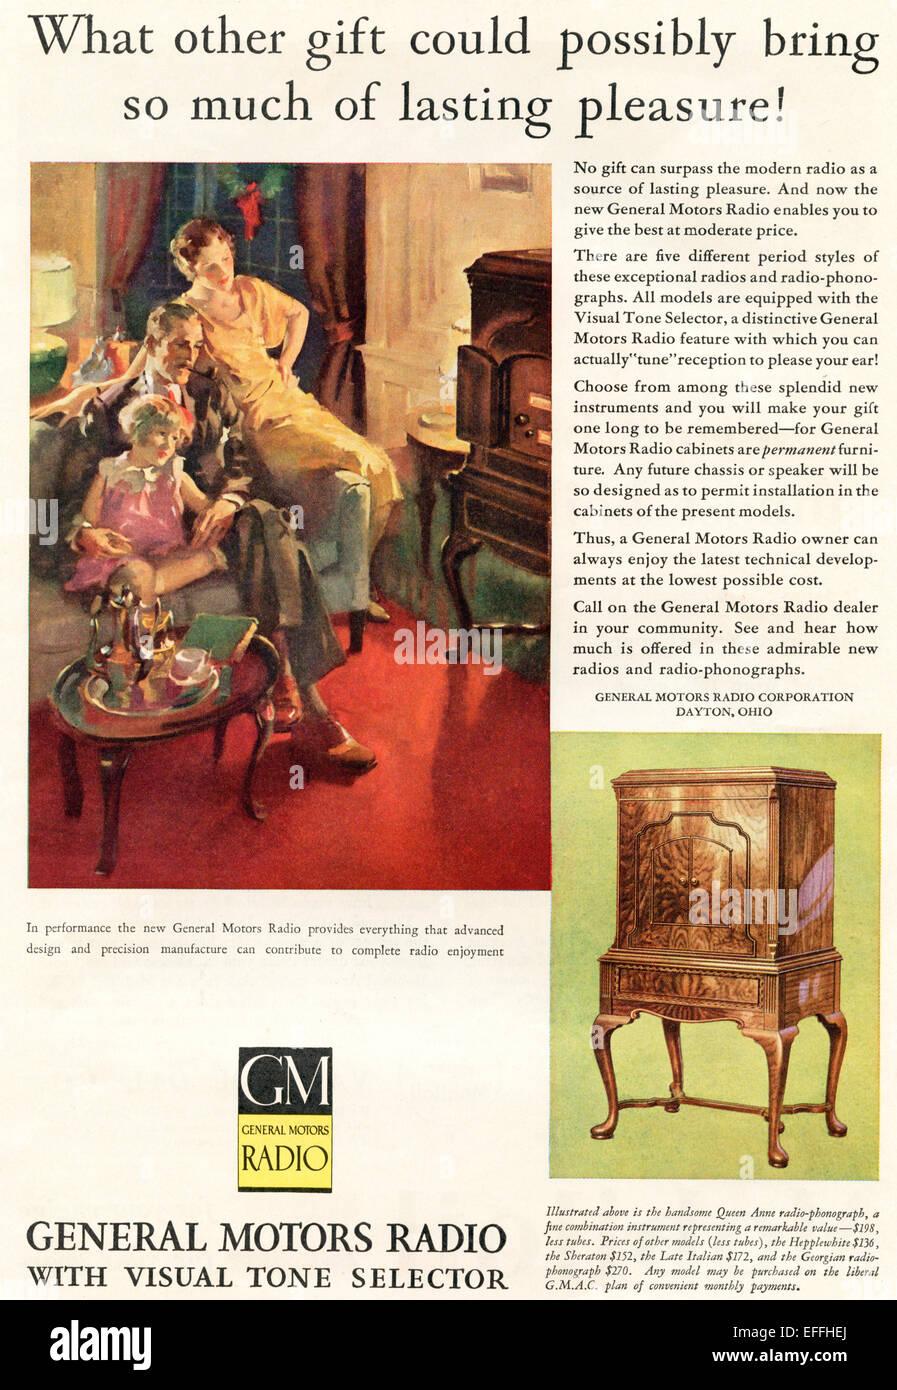 1930's American advertisement for General Motors Radios. - Stock Image